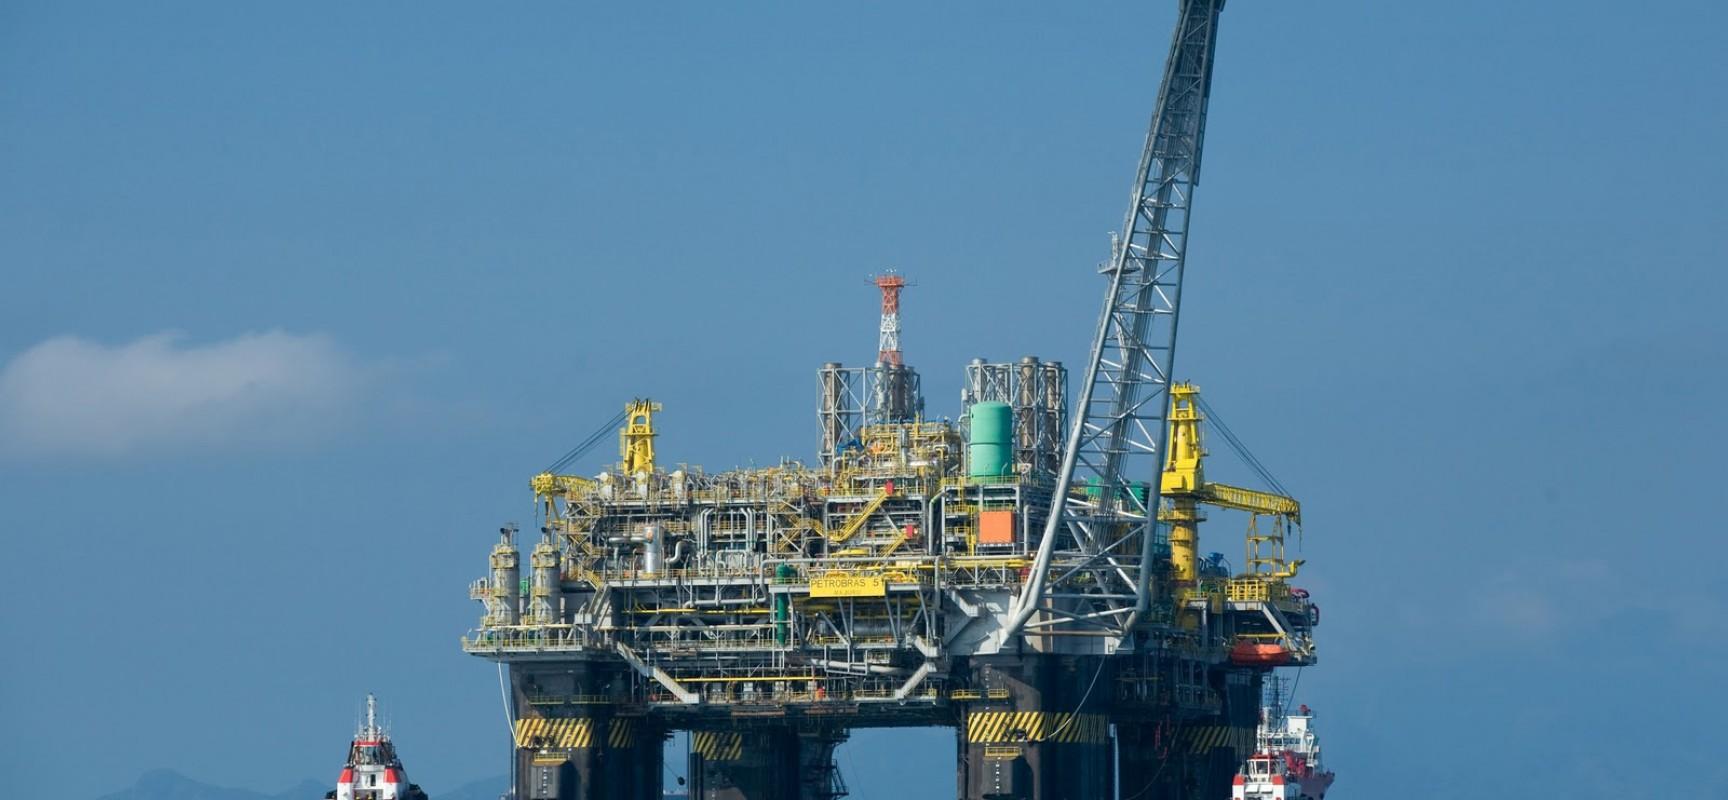 Petrolio E Gas, Se Report Ha Le Idee Confuse